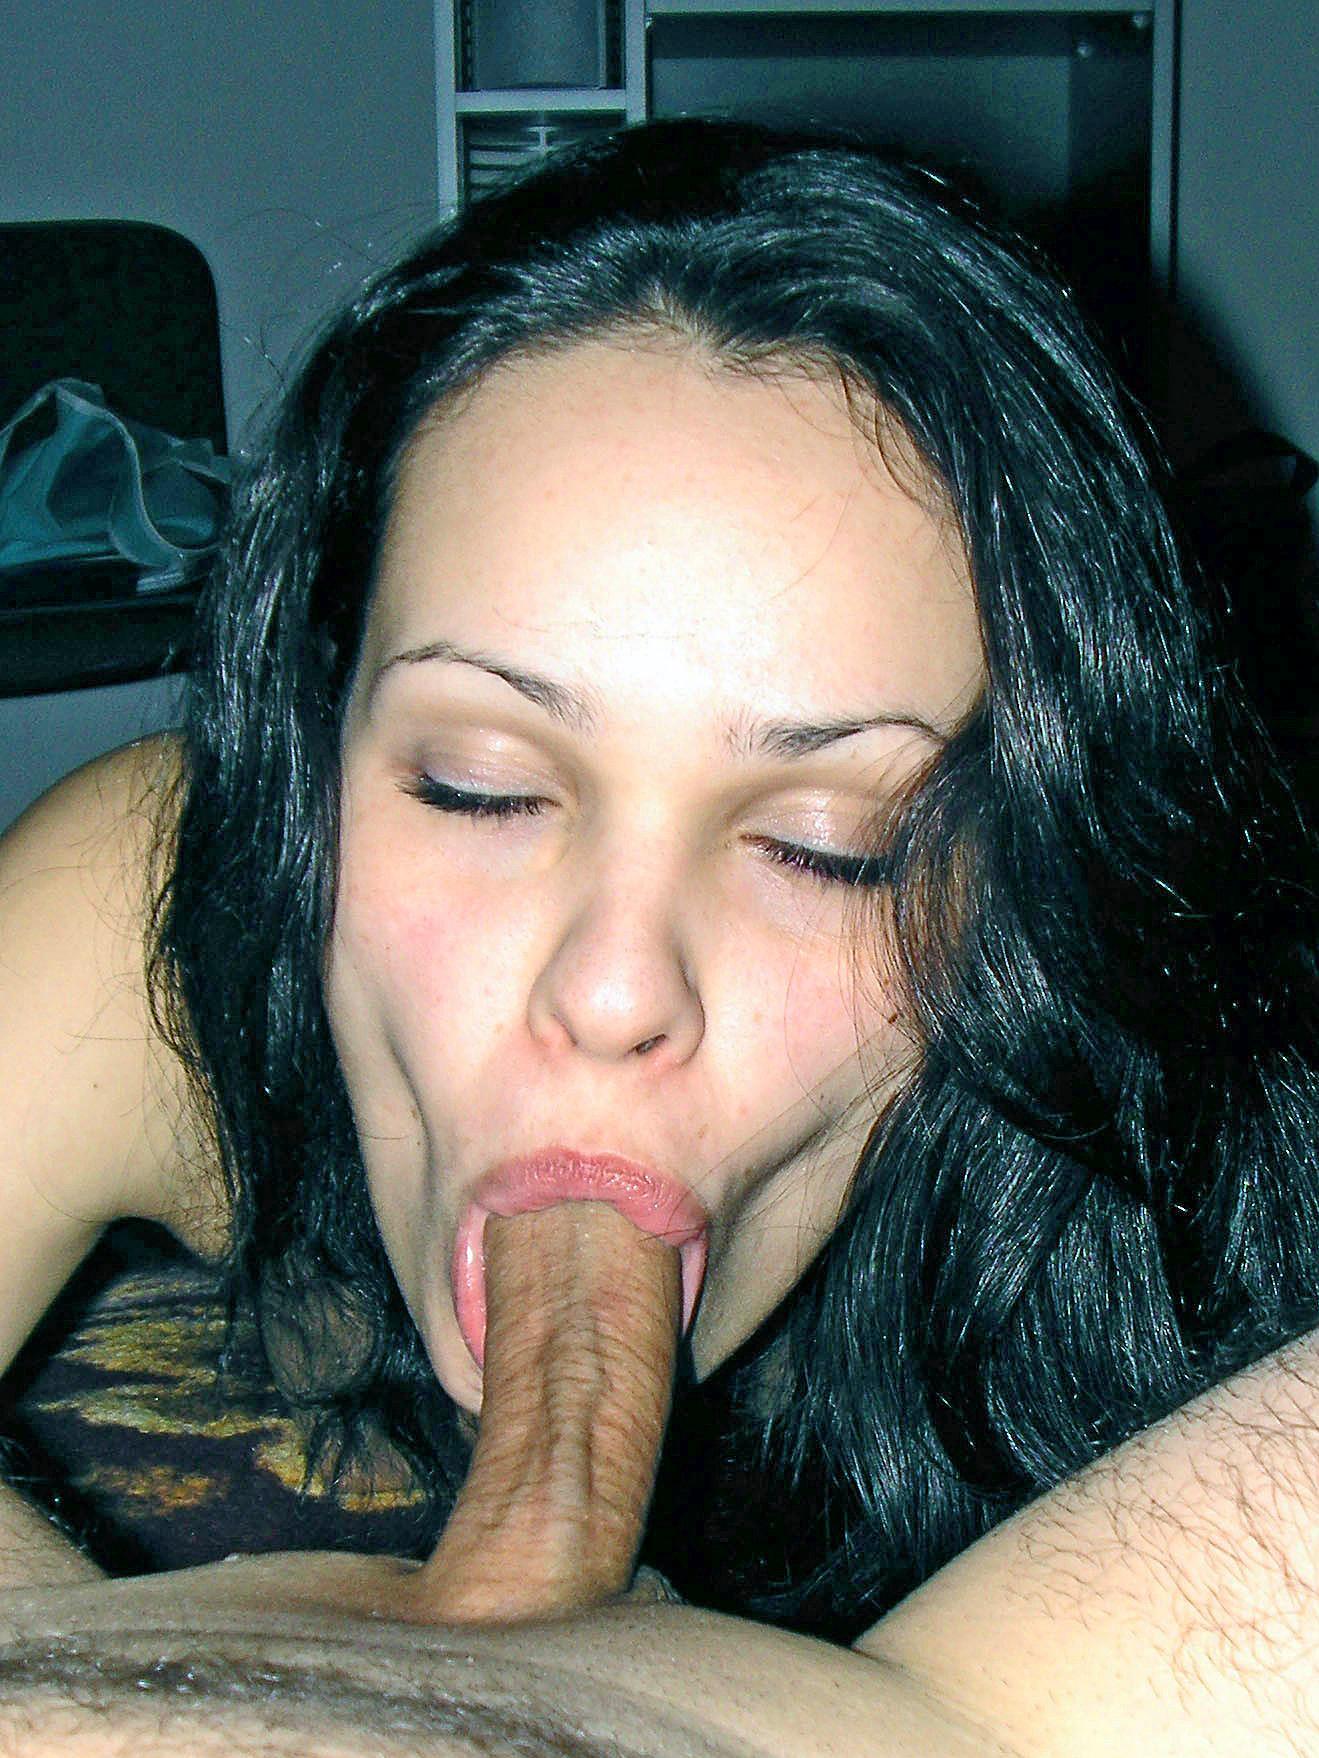 Romanian hooker